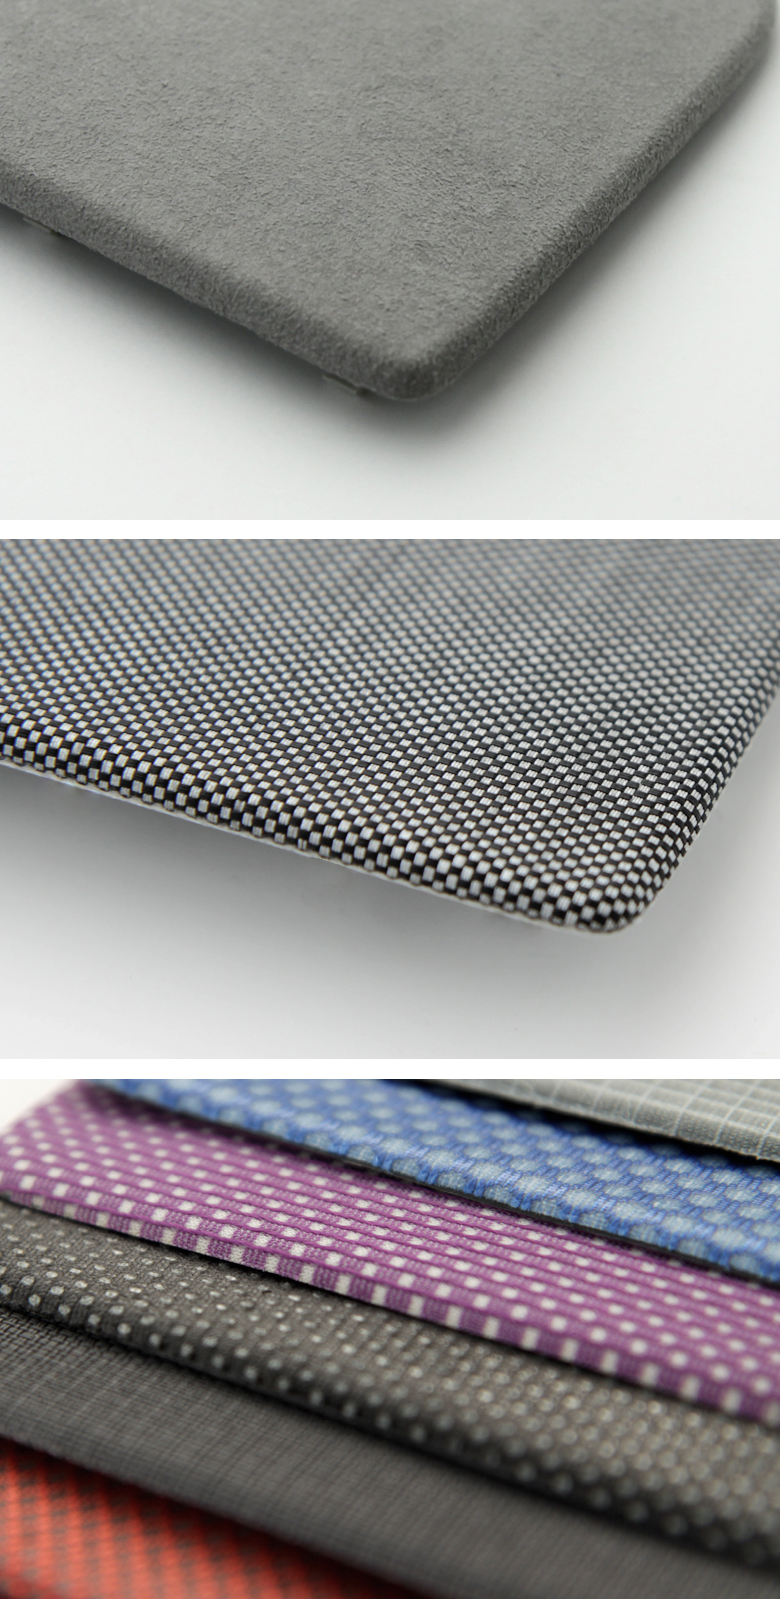 fabric_001